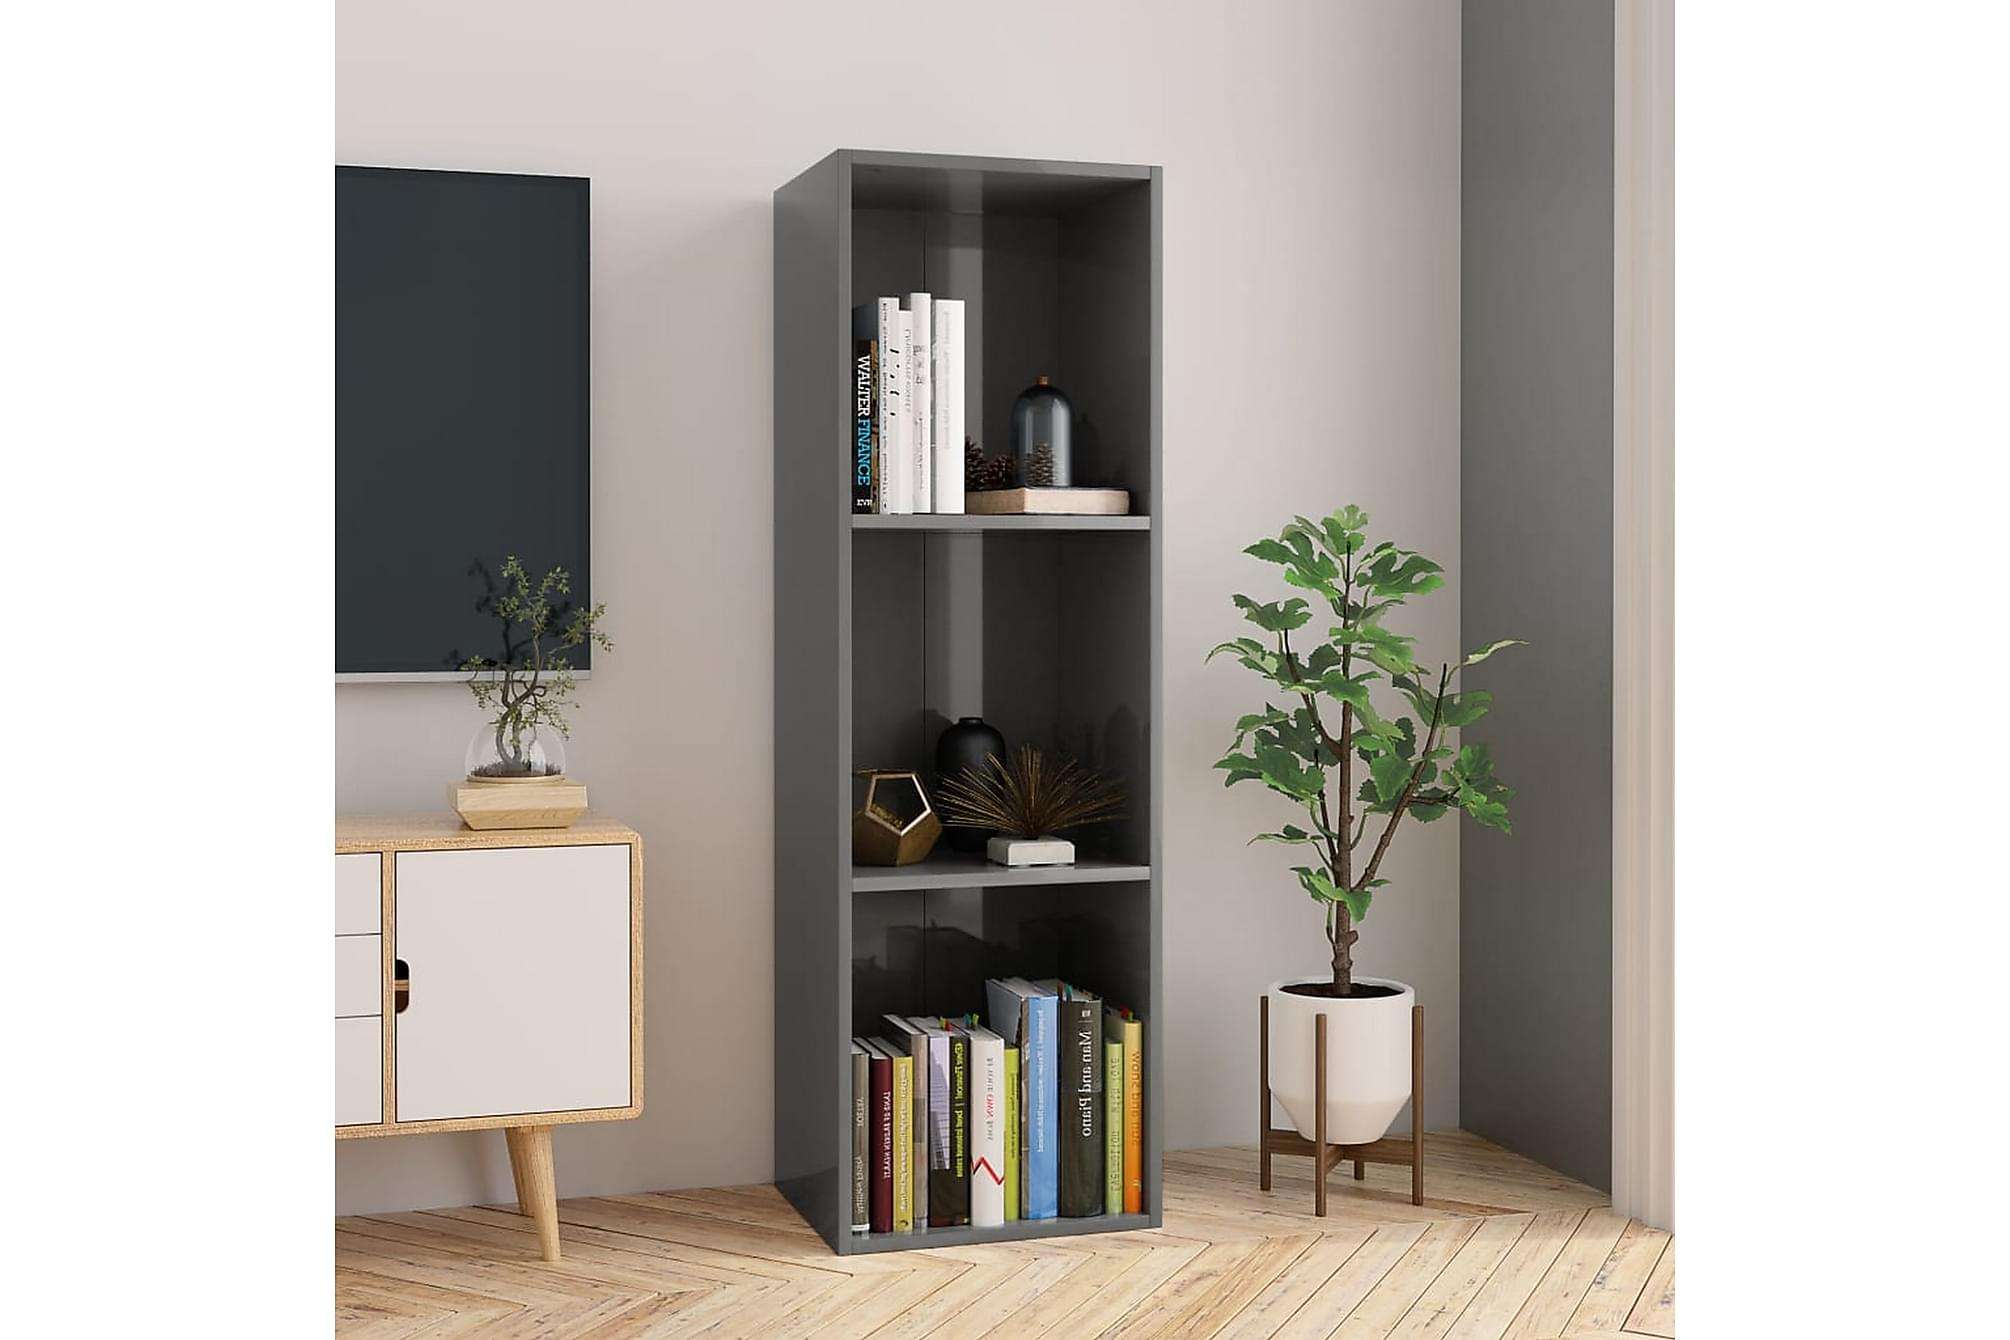 Bokhylla/TV-bänk grå högglans 36x30x114 cm spånskiva, Tv-bänkar